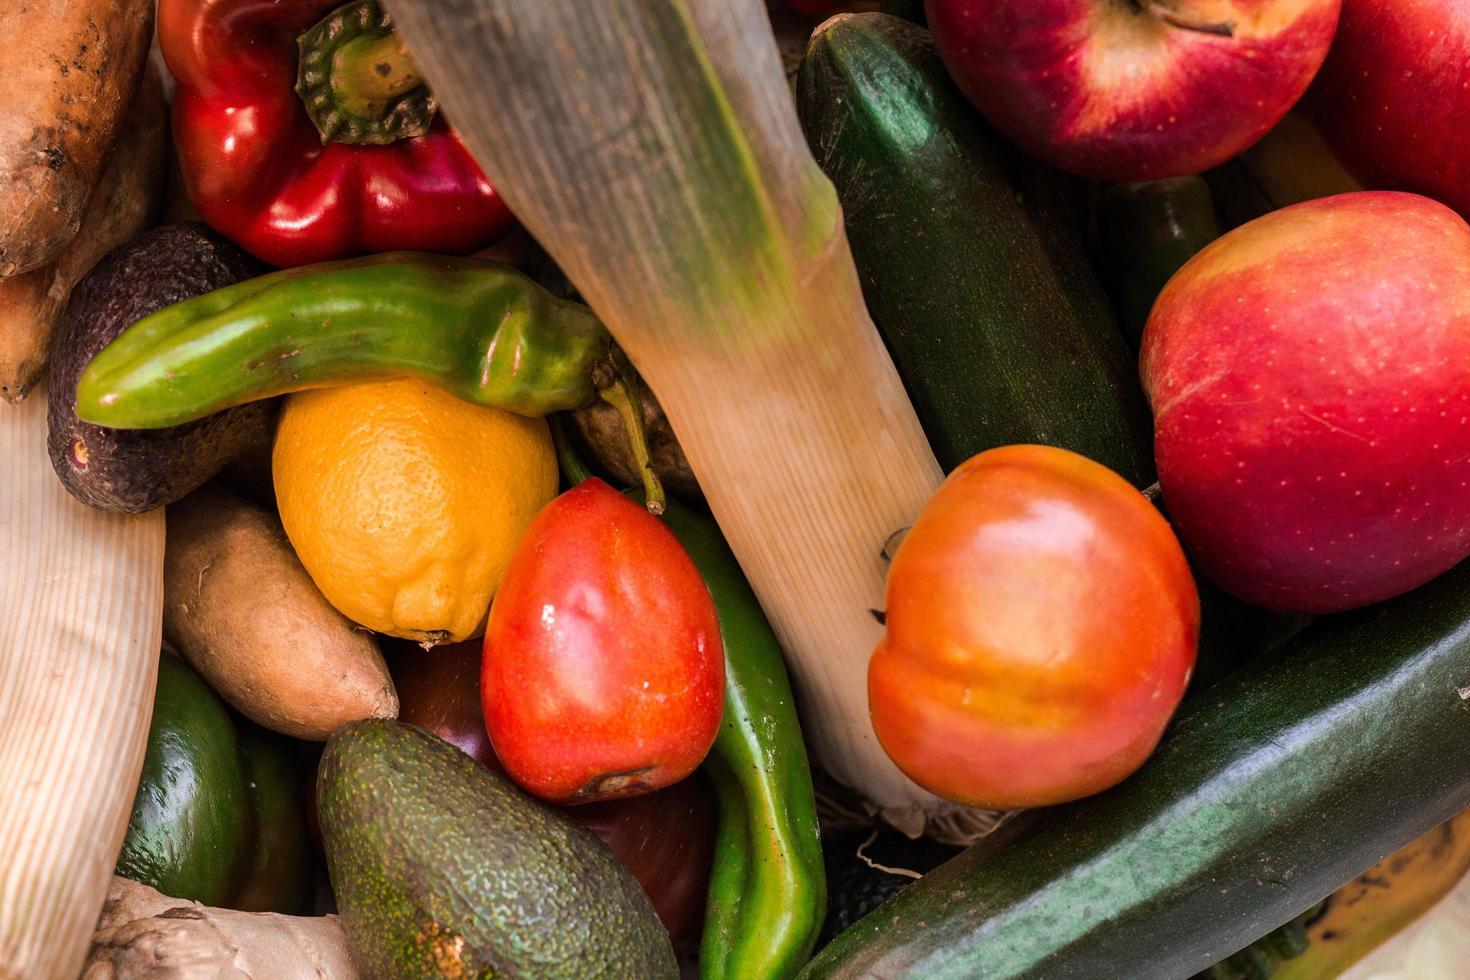 vista superior de verduras foto